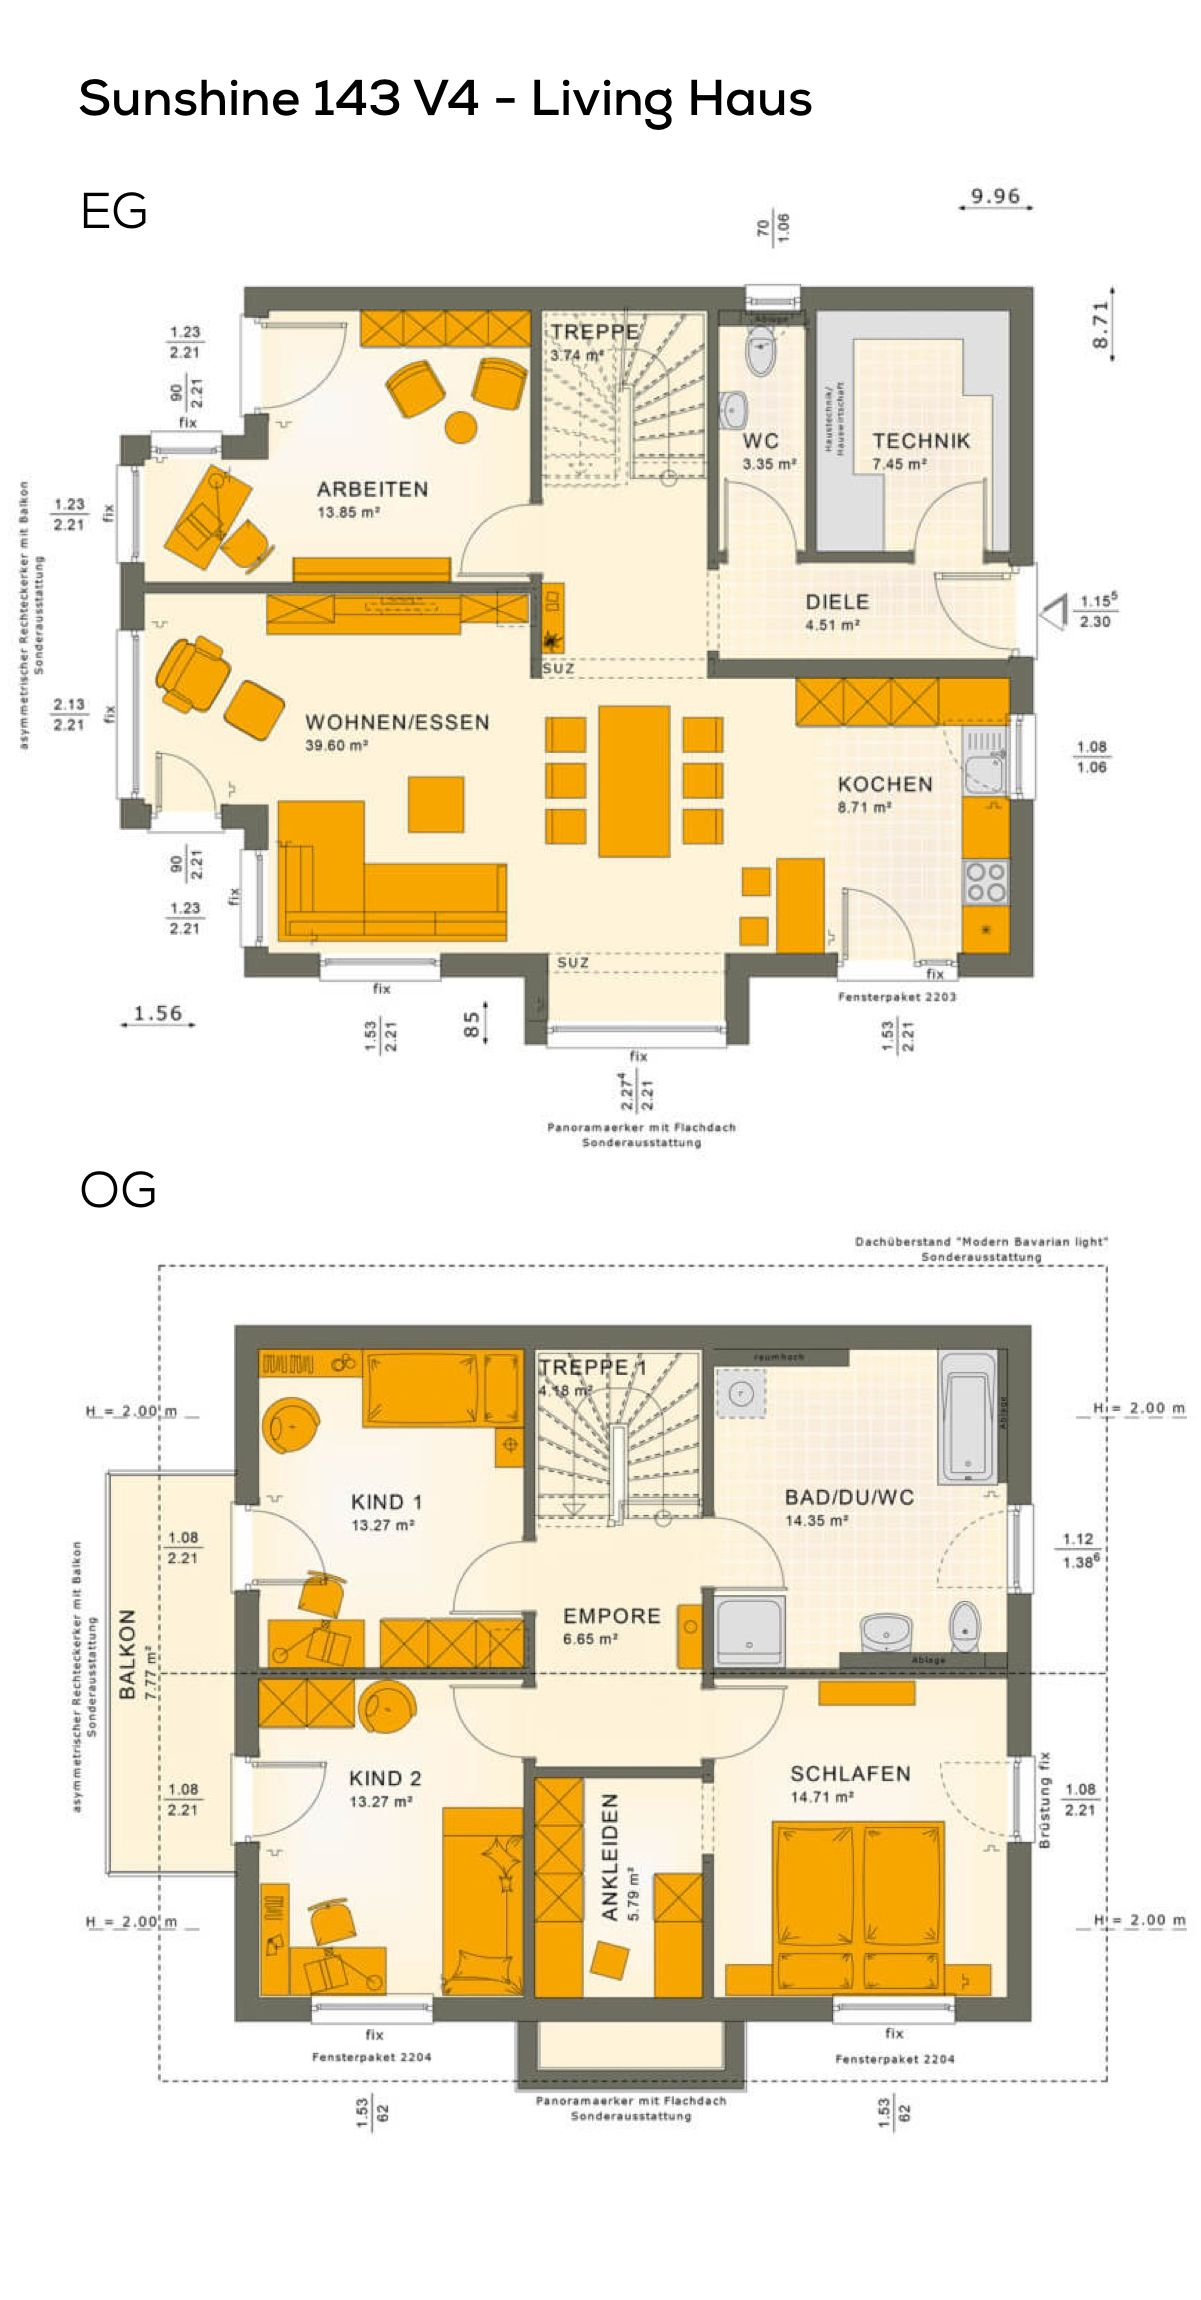 Grundriss Einfamilienhaus modern mit Satteldach Architektur ...